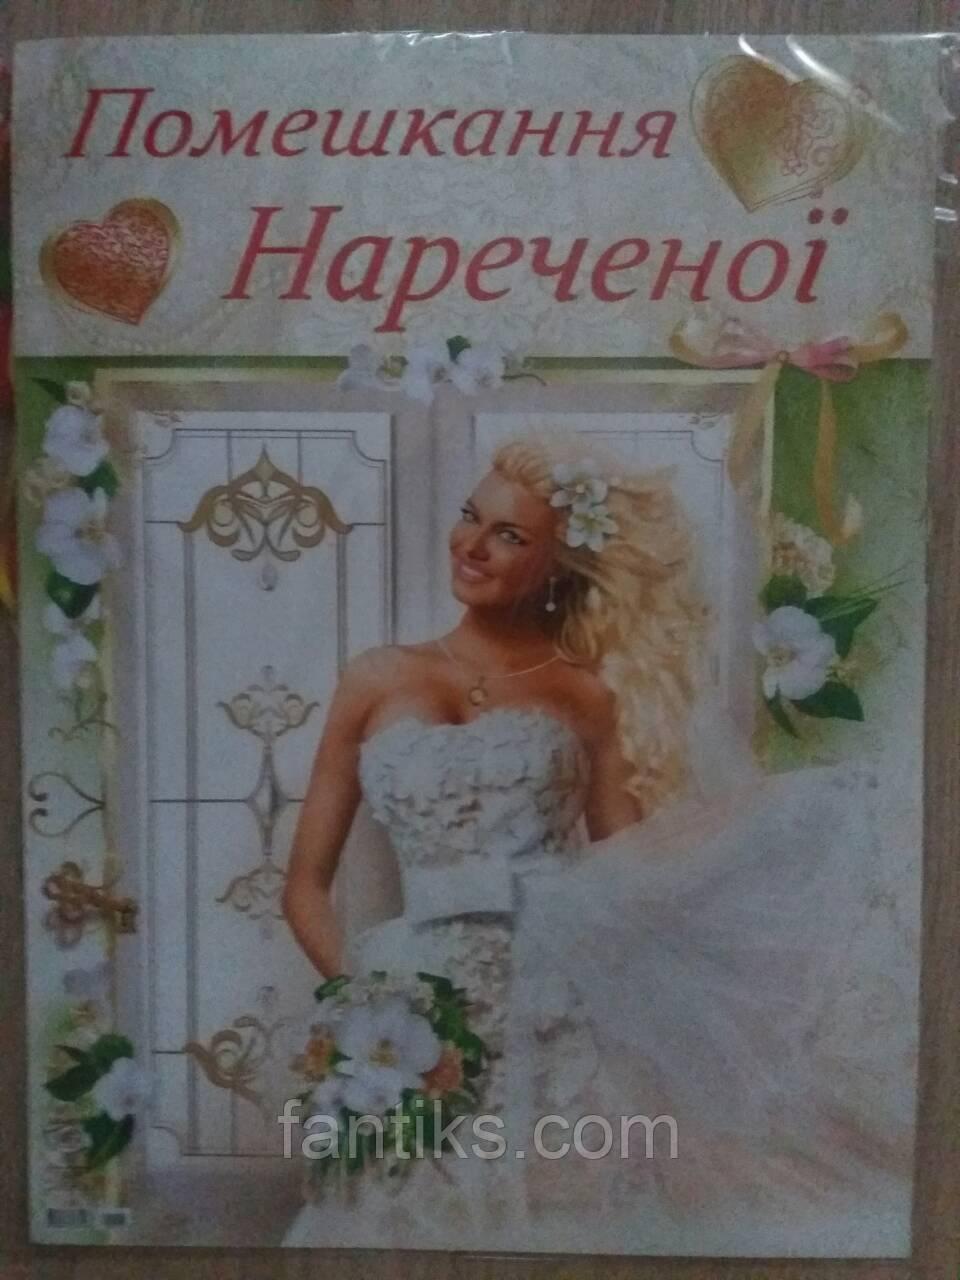 Набор для проведения свадебного выкупа (на украинском языке)